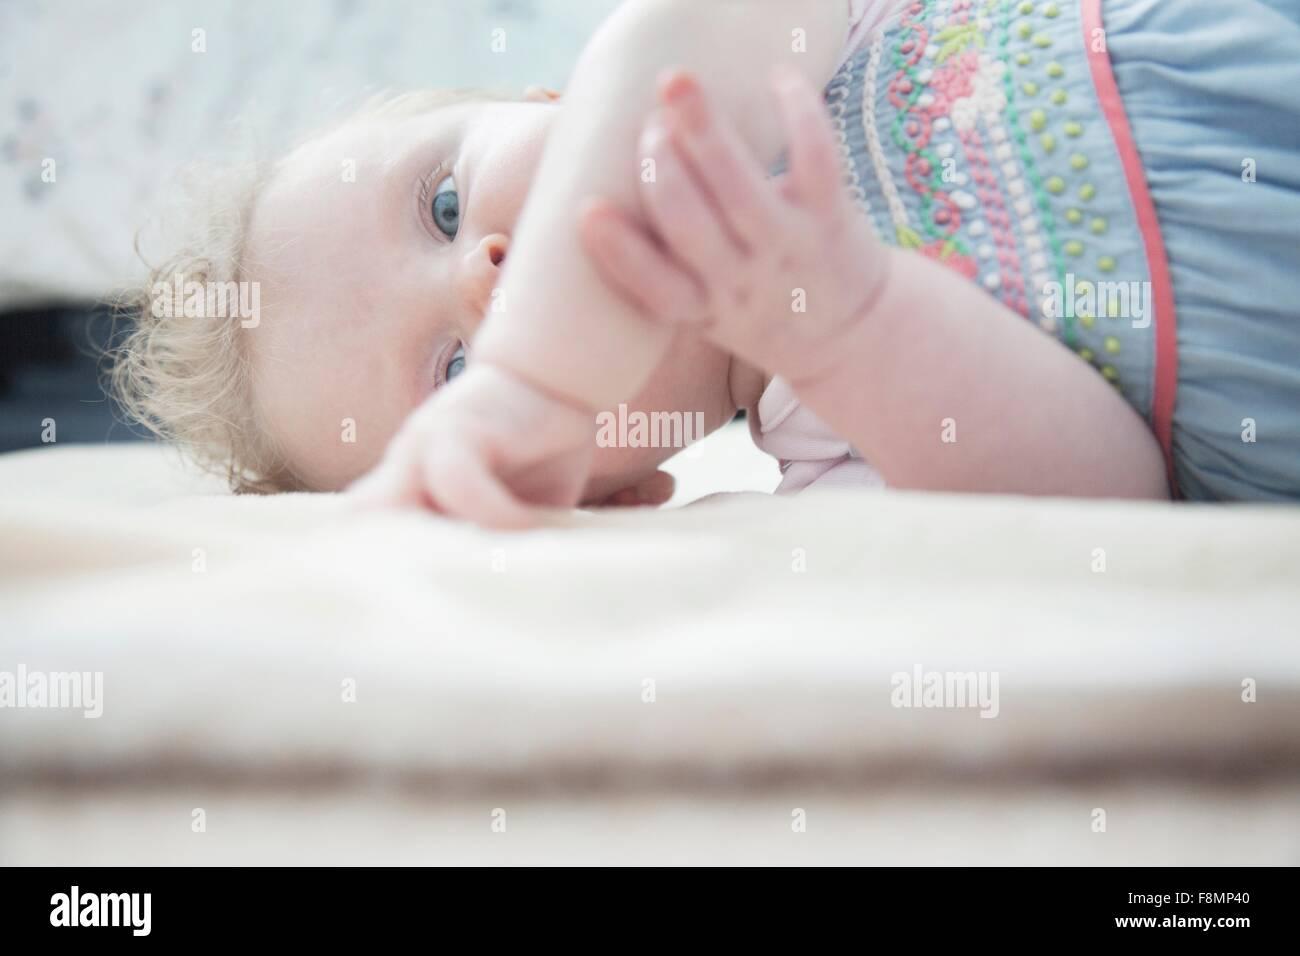 Babymädchen liegend Stockbild